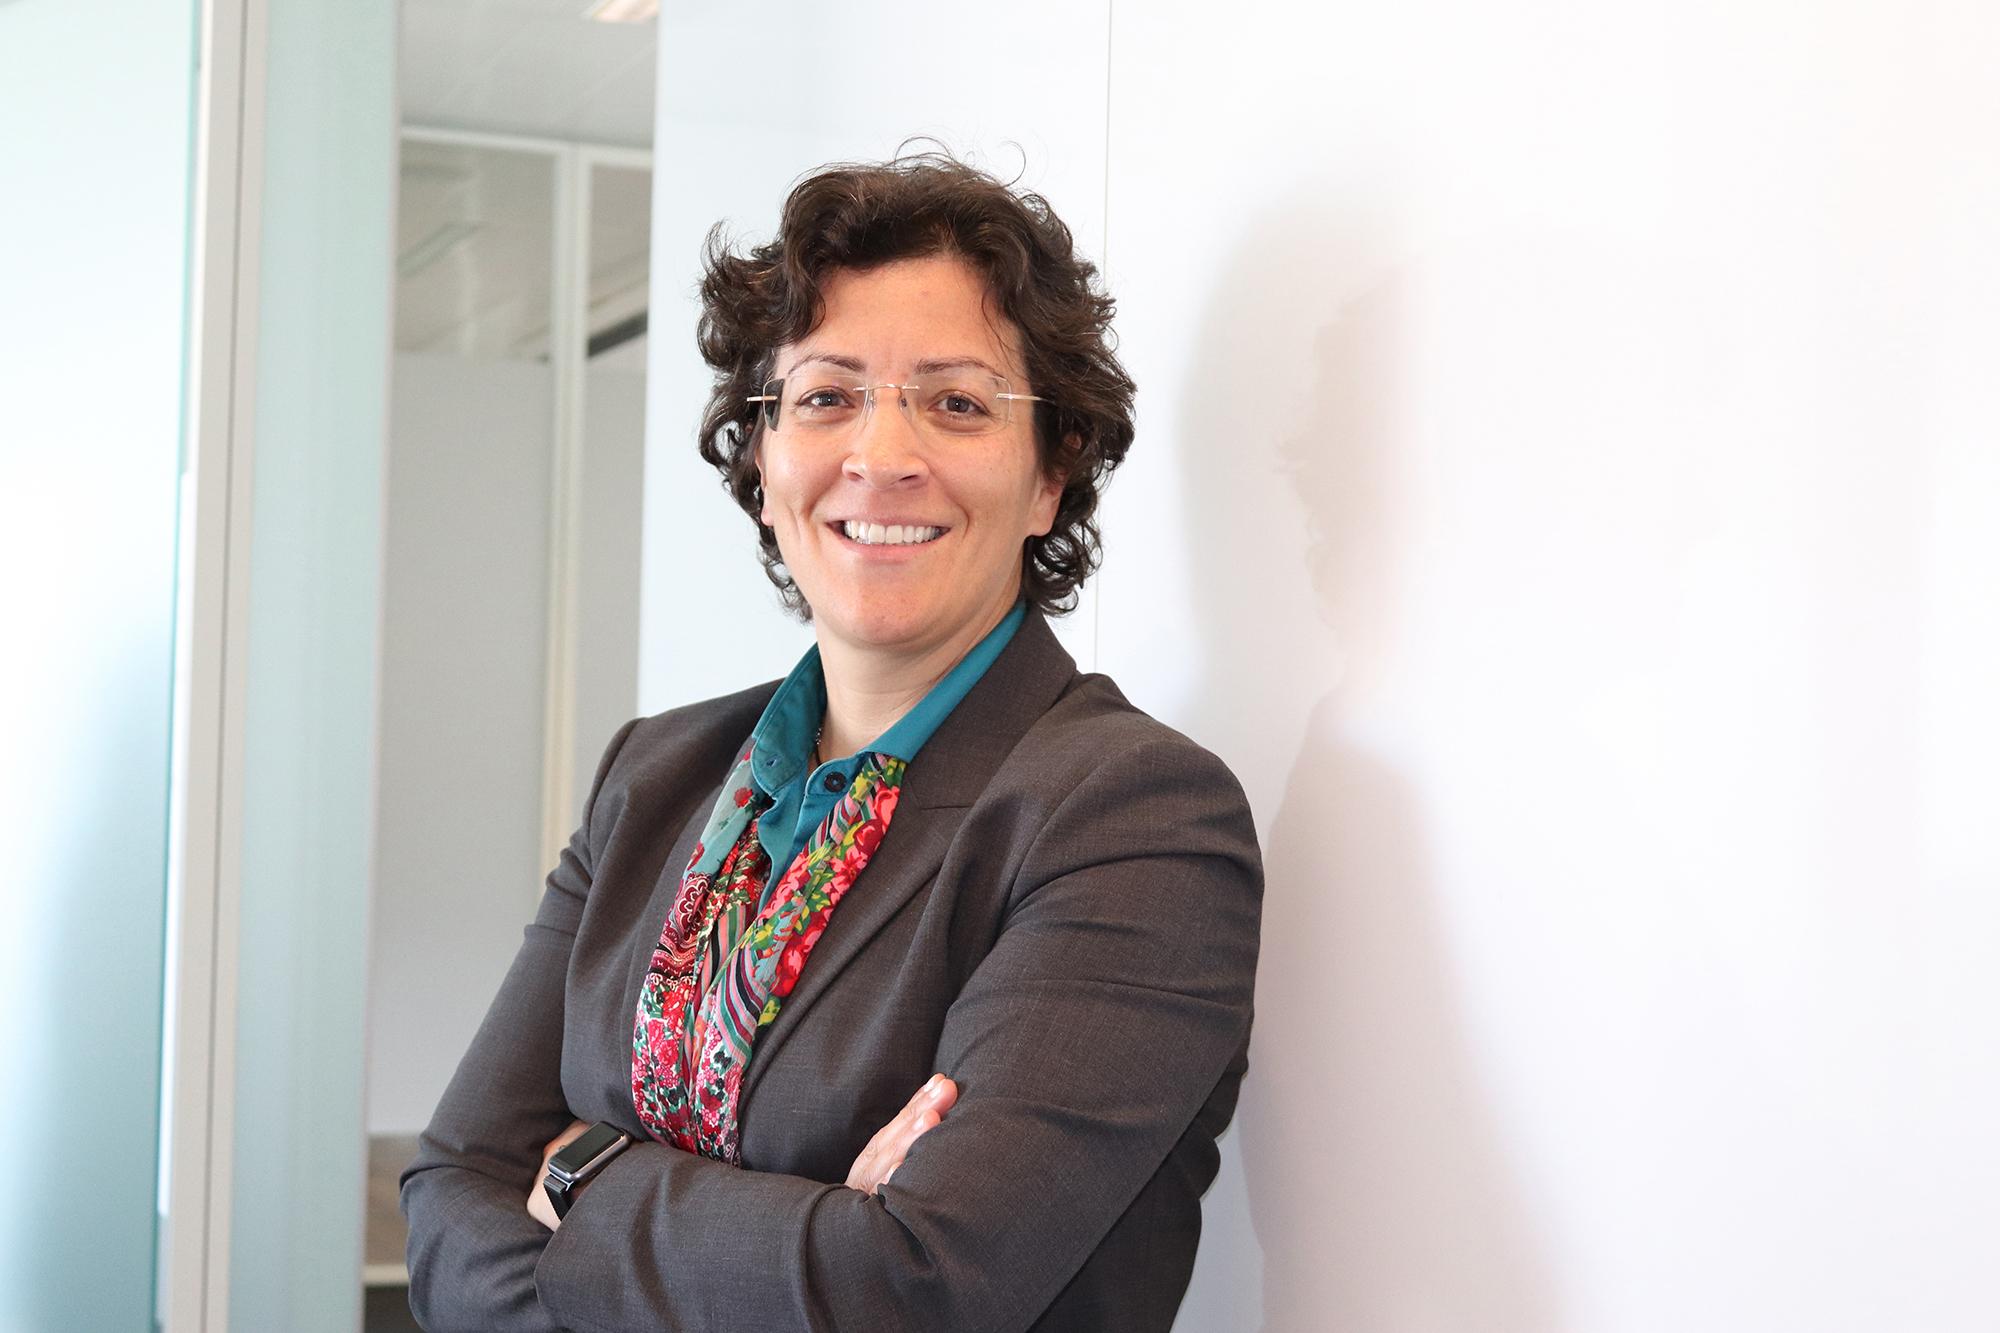 Carla Rebelo, CEO da Adecco em Portugal / Adecco